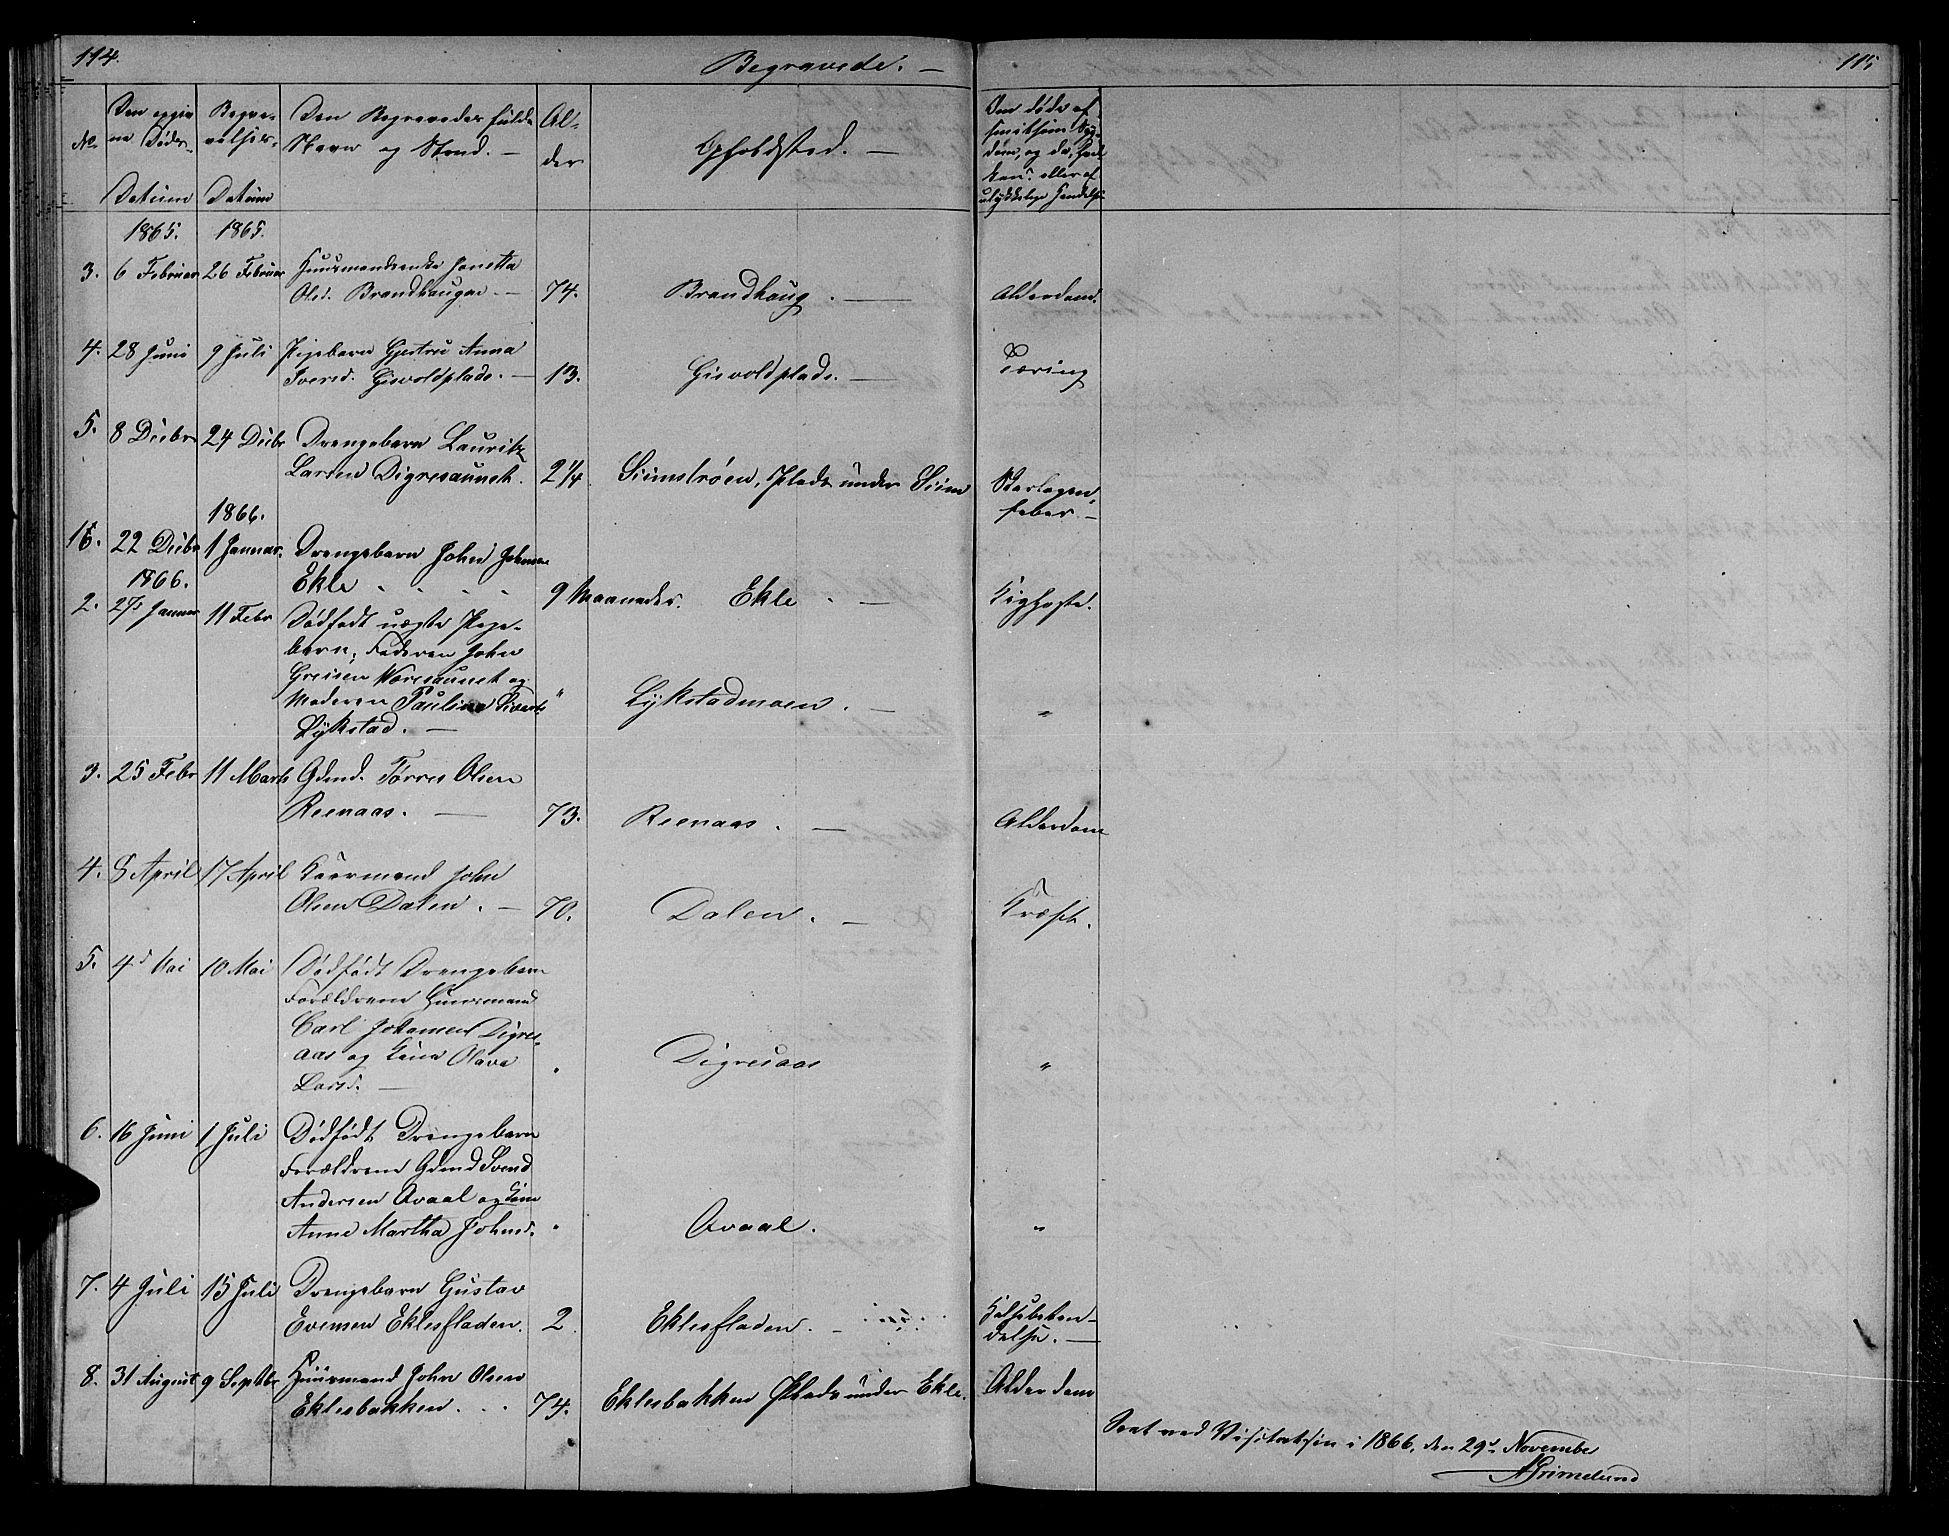 SAT, Ministerialprotokoller, klokkerbøker og fødselsregistre - Sør-Trøndelag, 608/L0340: Klokkerbok nr. 608C06, 1864-1889, s. 114-115